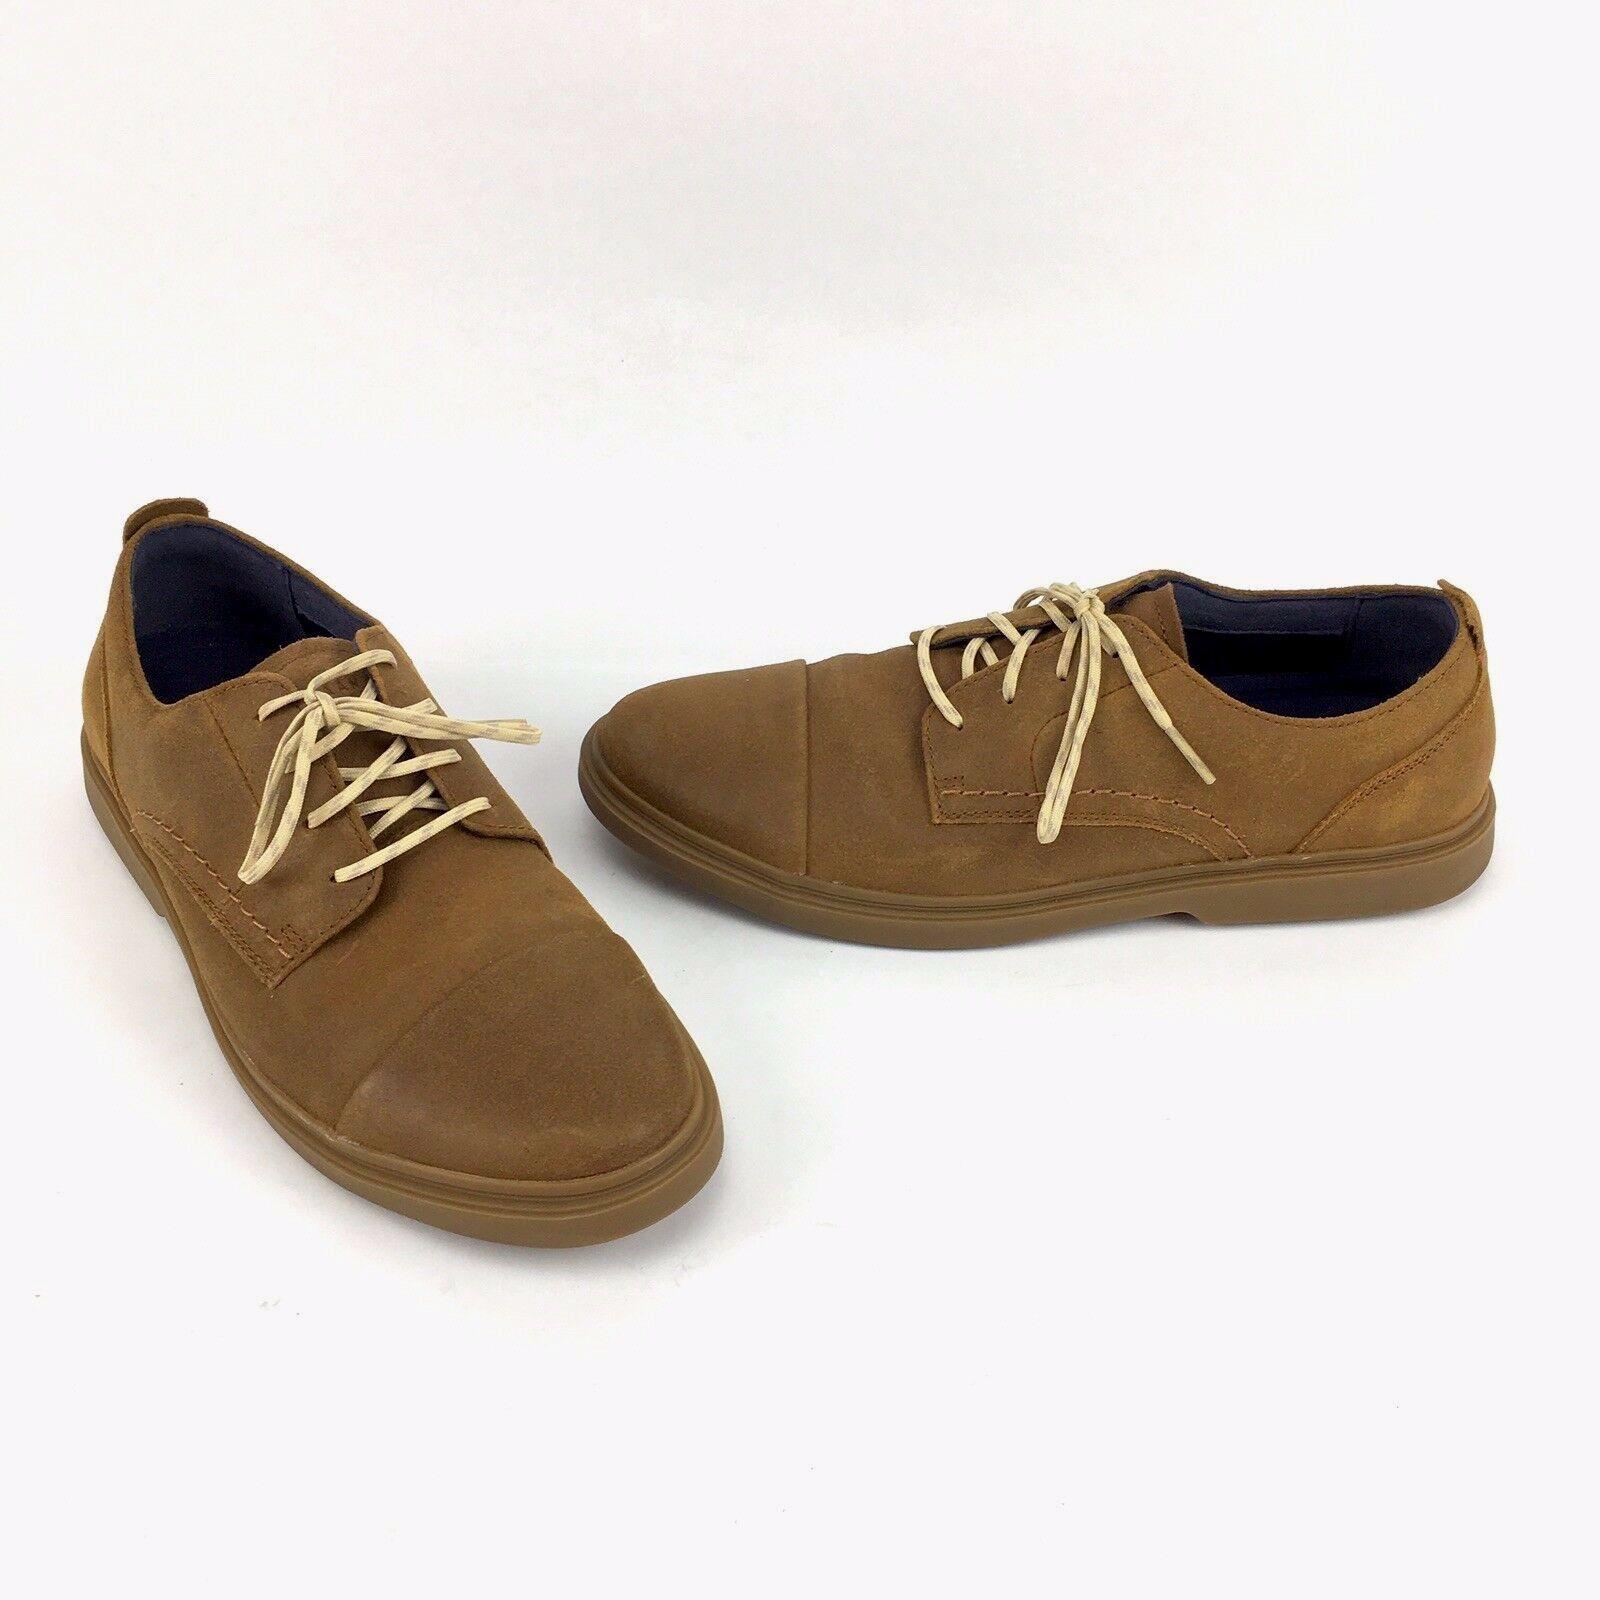 Cole Haan shoes Brandt Suede Cap Toe Oxfords Mens Size 7.5 M